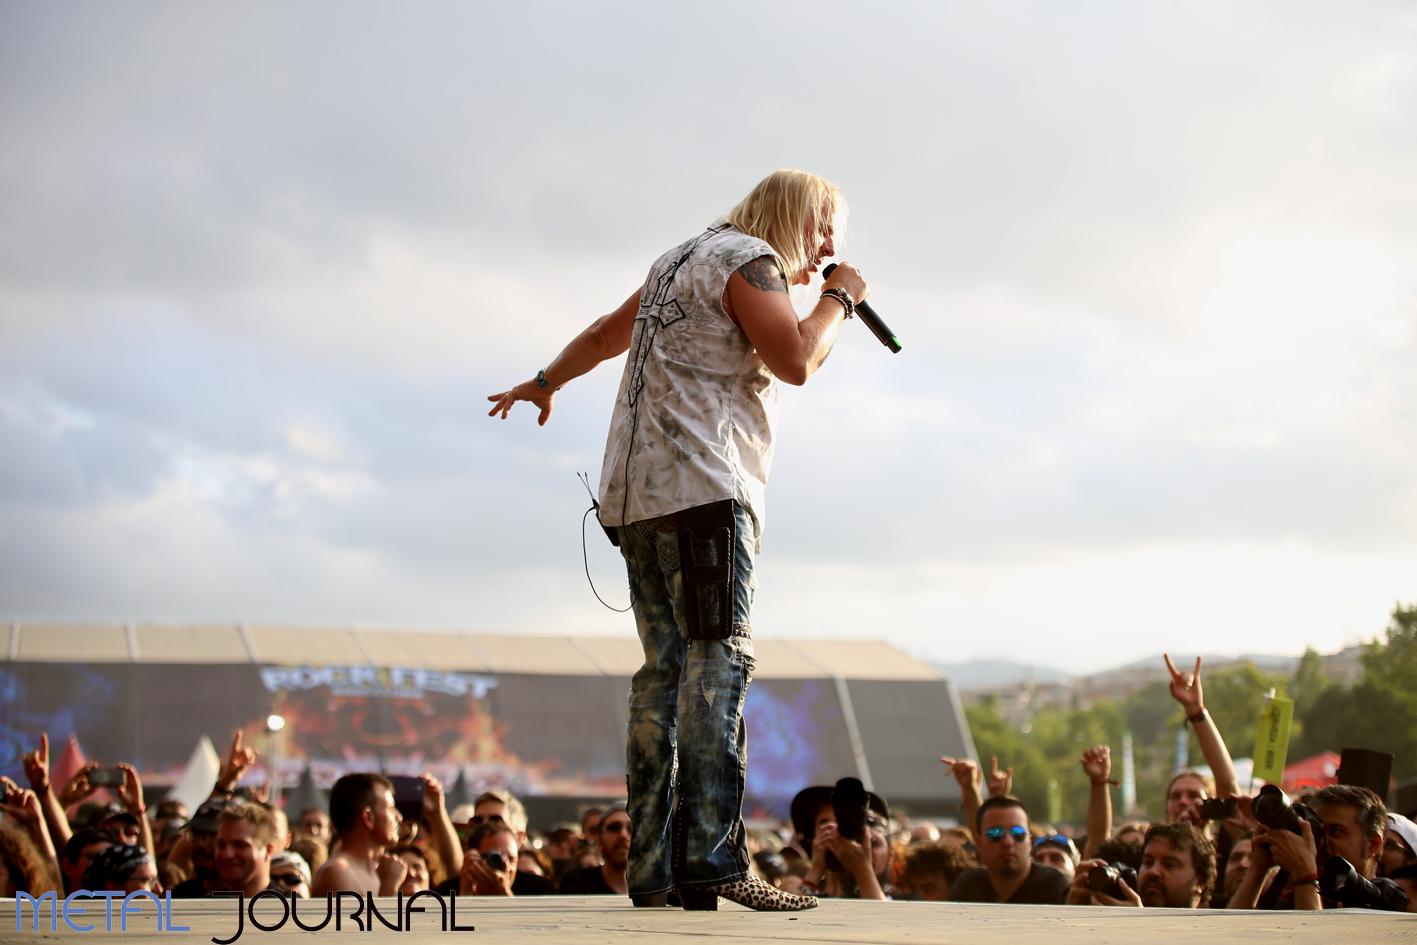 uriah heep rock fest 18 - metal journal pic 7